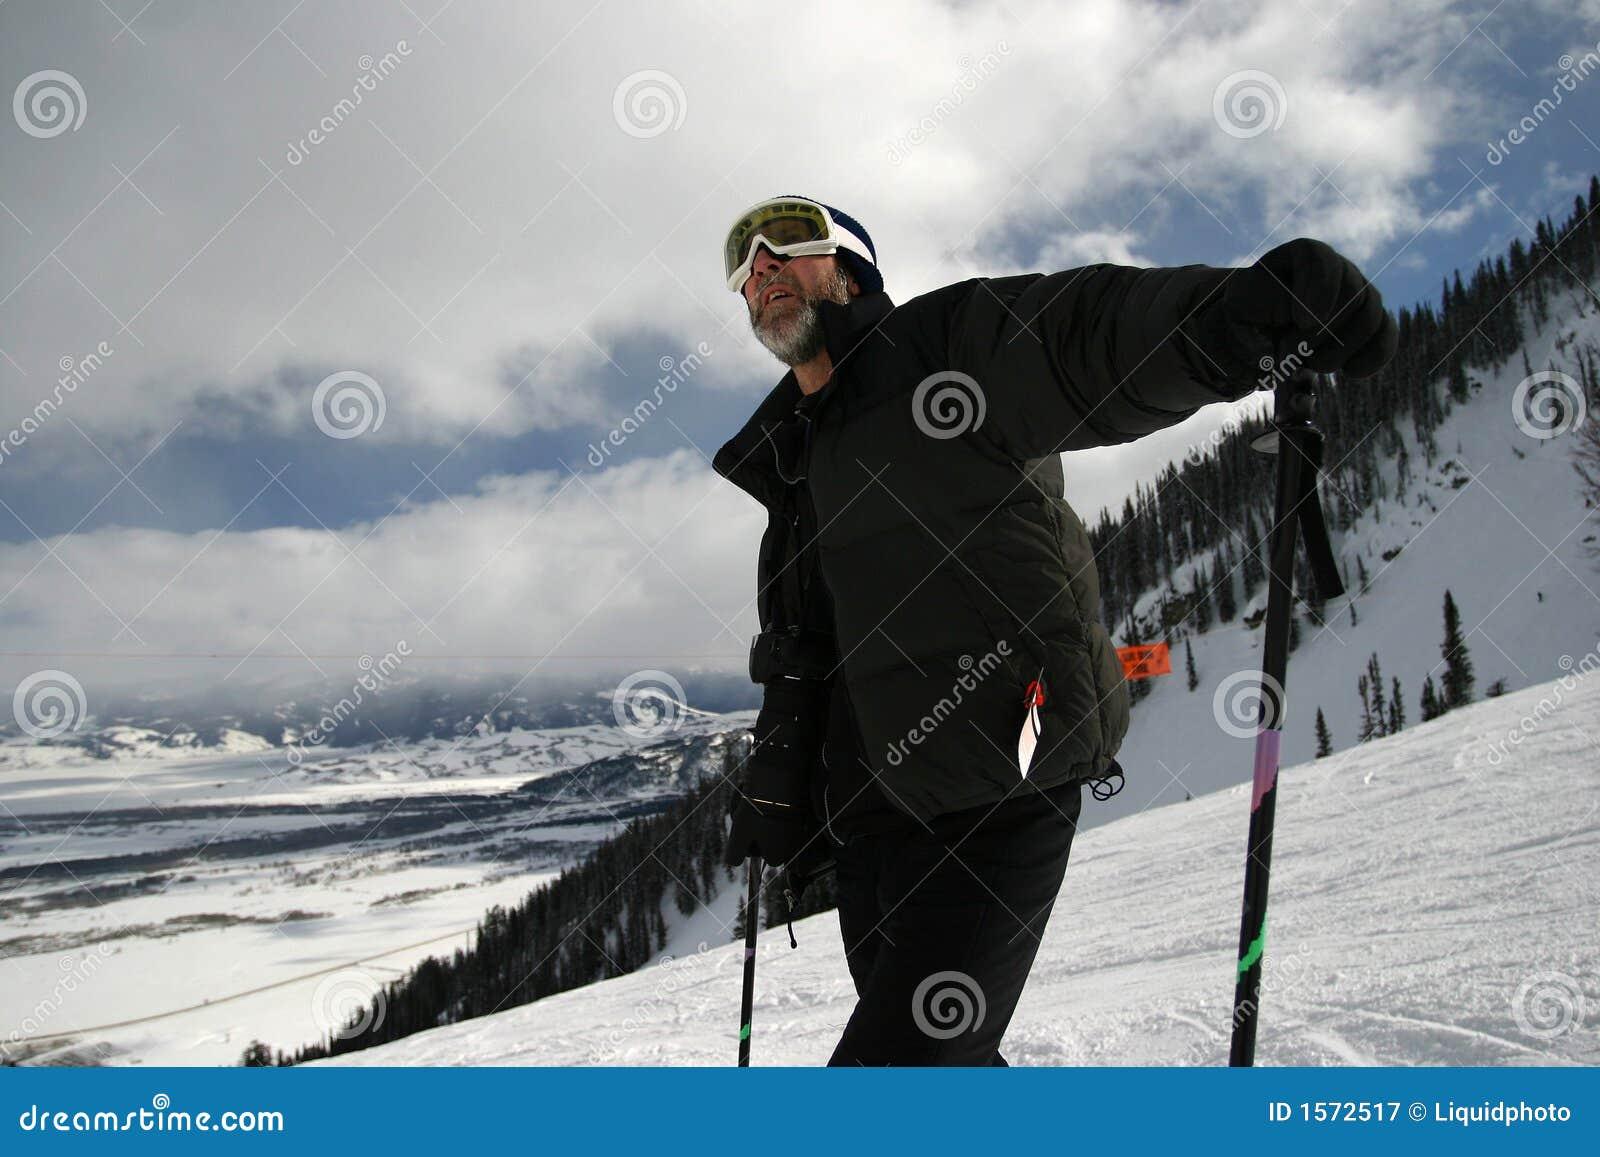 Downhill Skier Guy